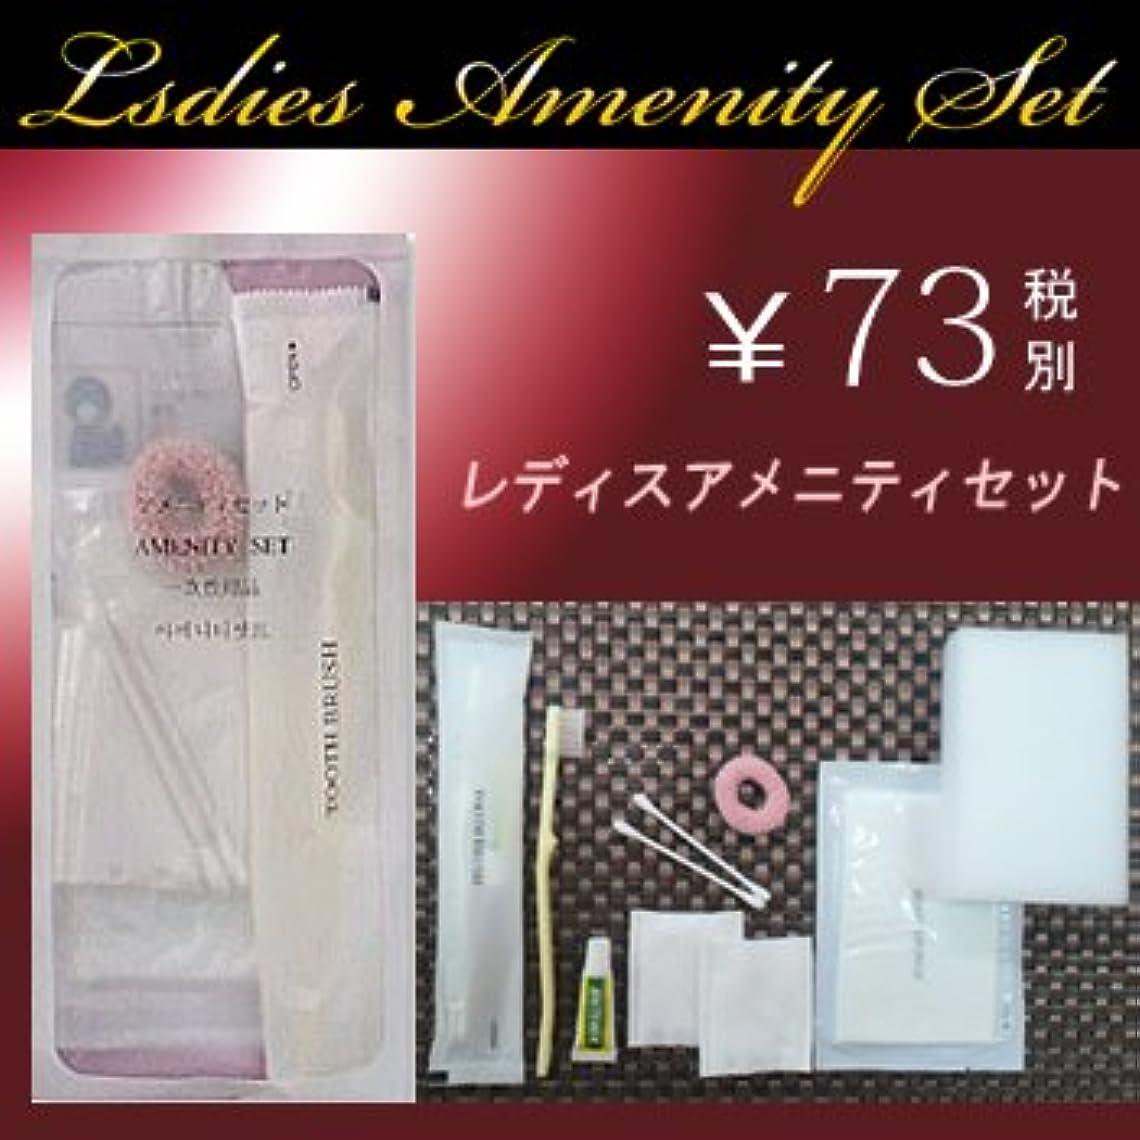 行為示す経験的レディスアメニティフルセット袋入(1セット300個入)